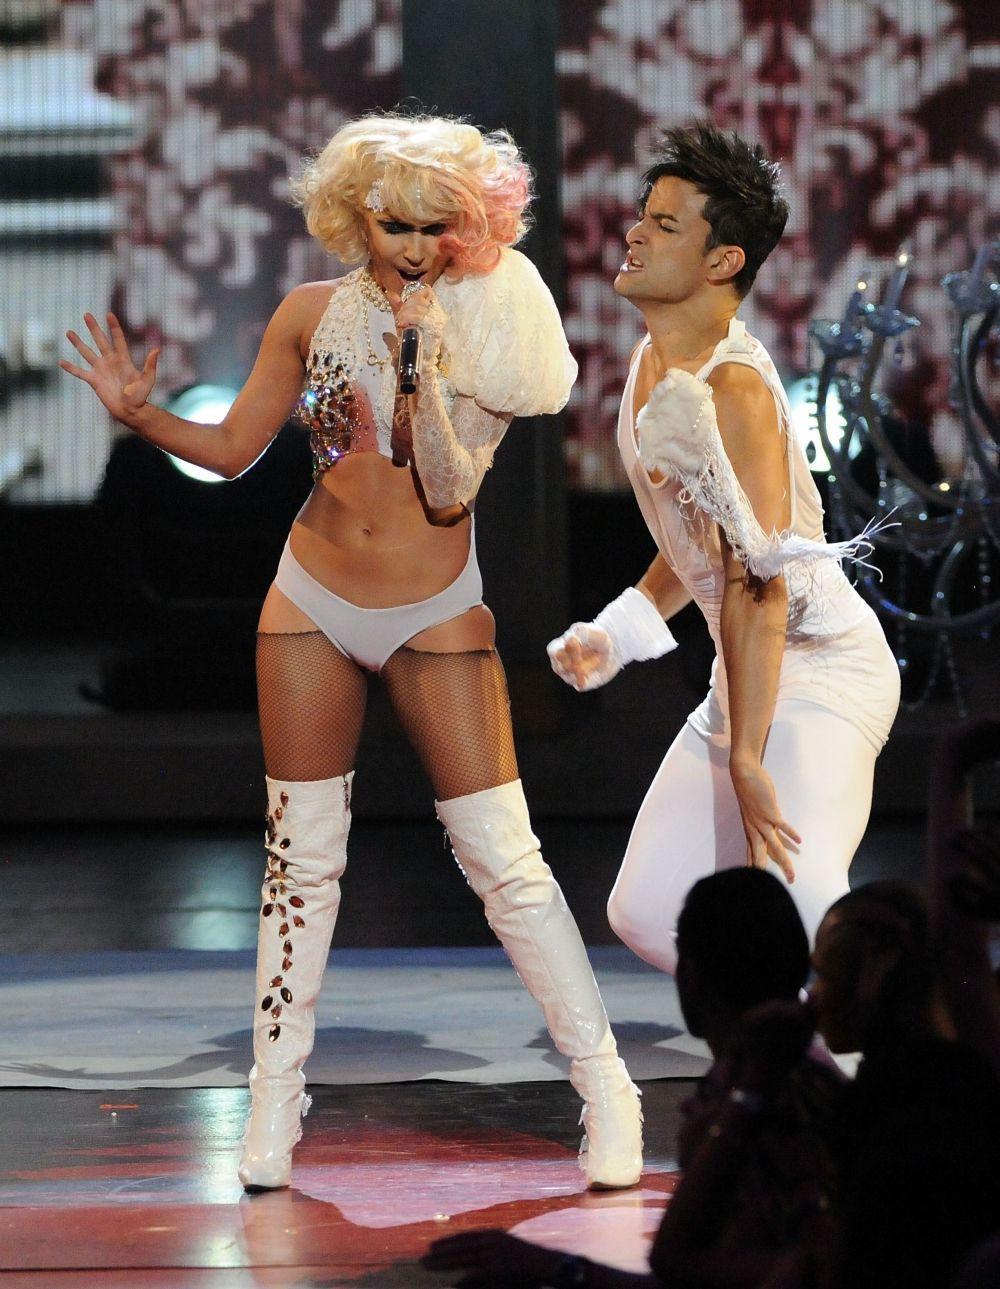 Lady Gaga, muhteşem eviyle hayran bıraktı! - Sayfa 1